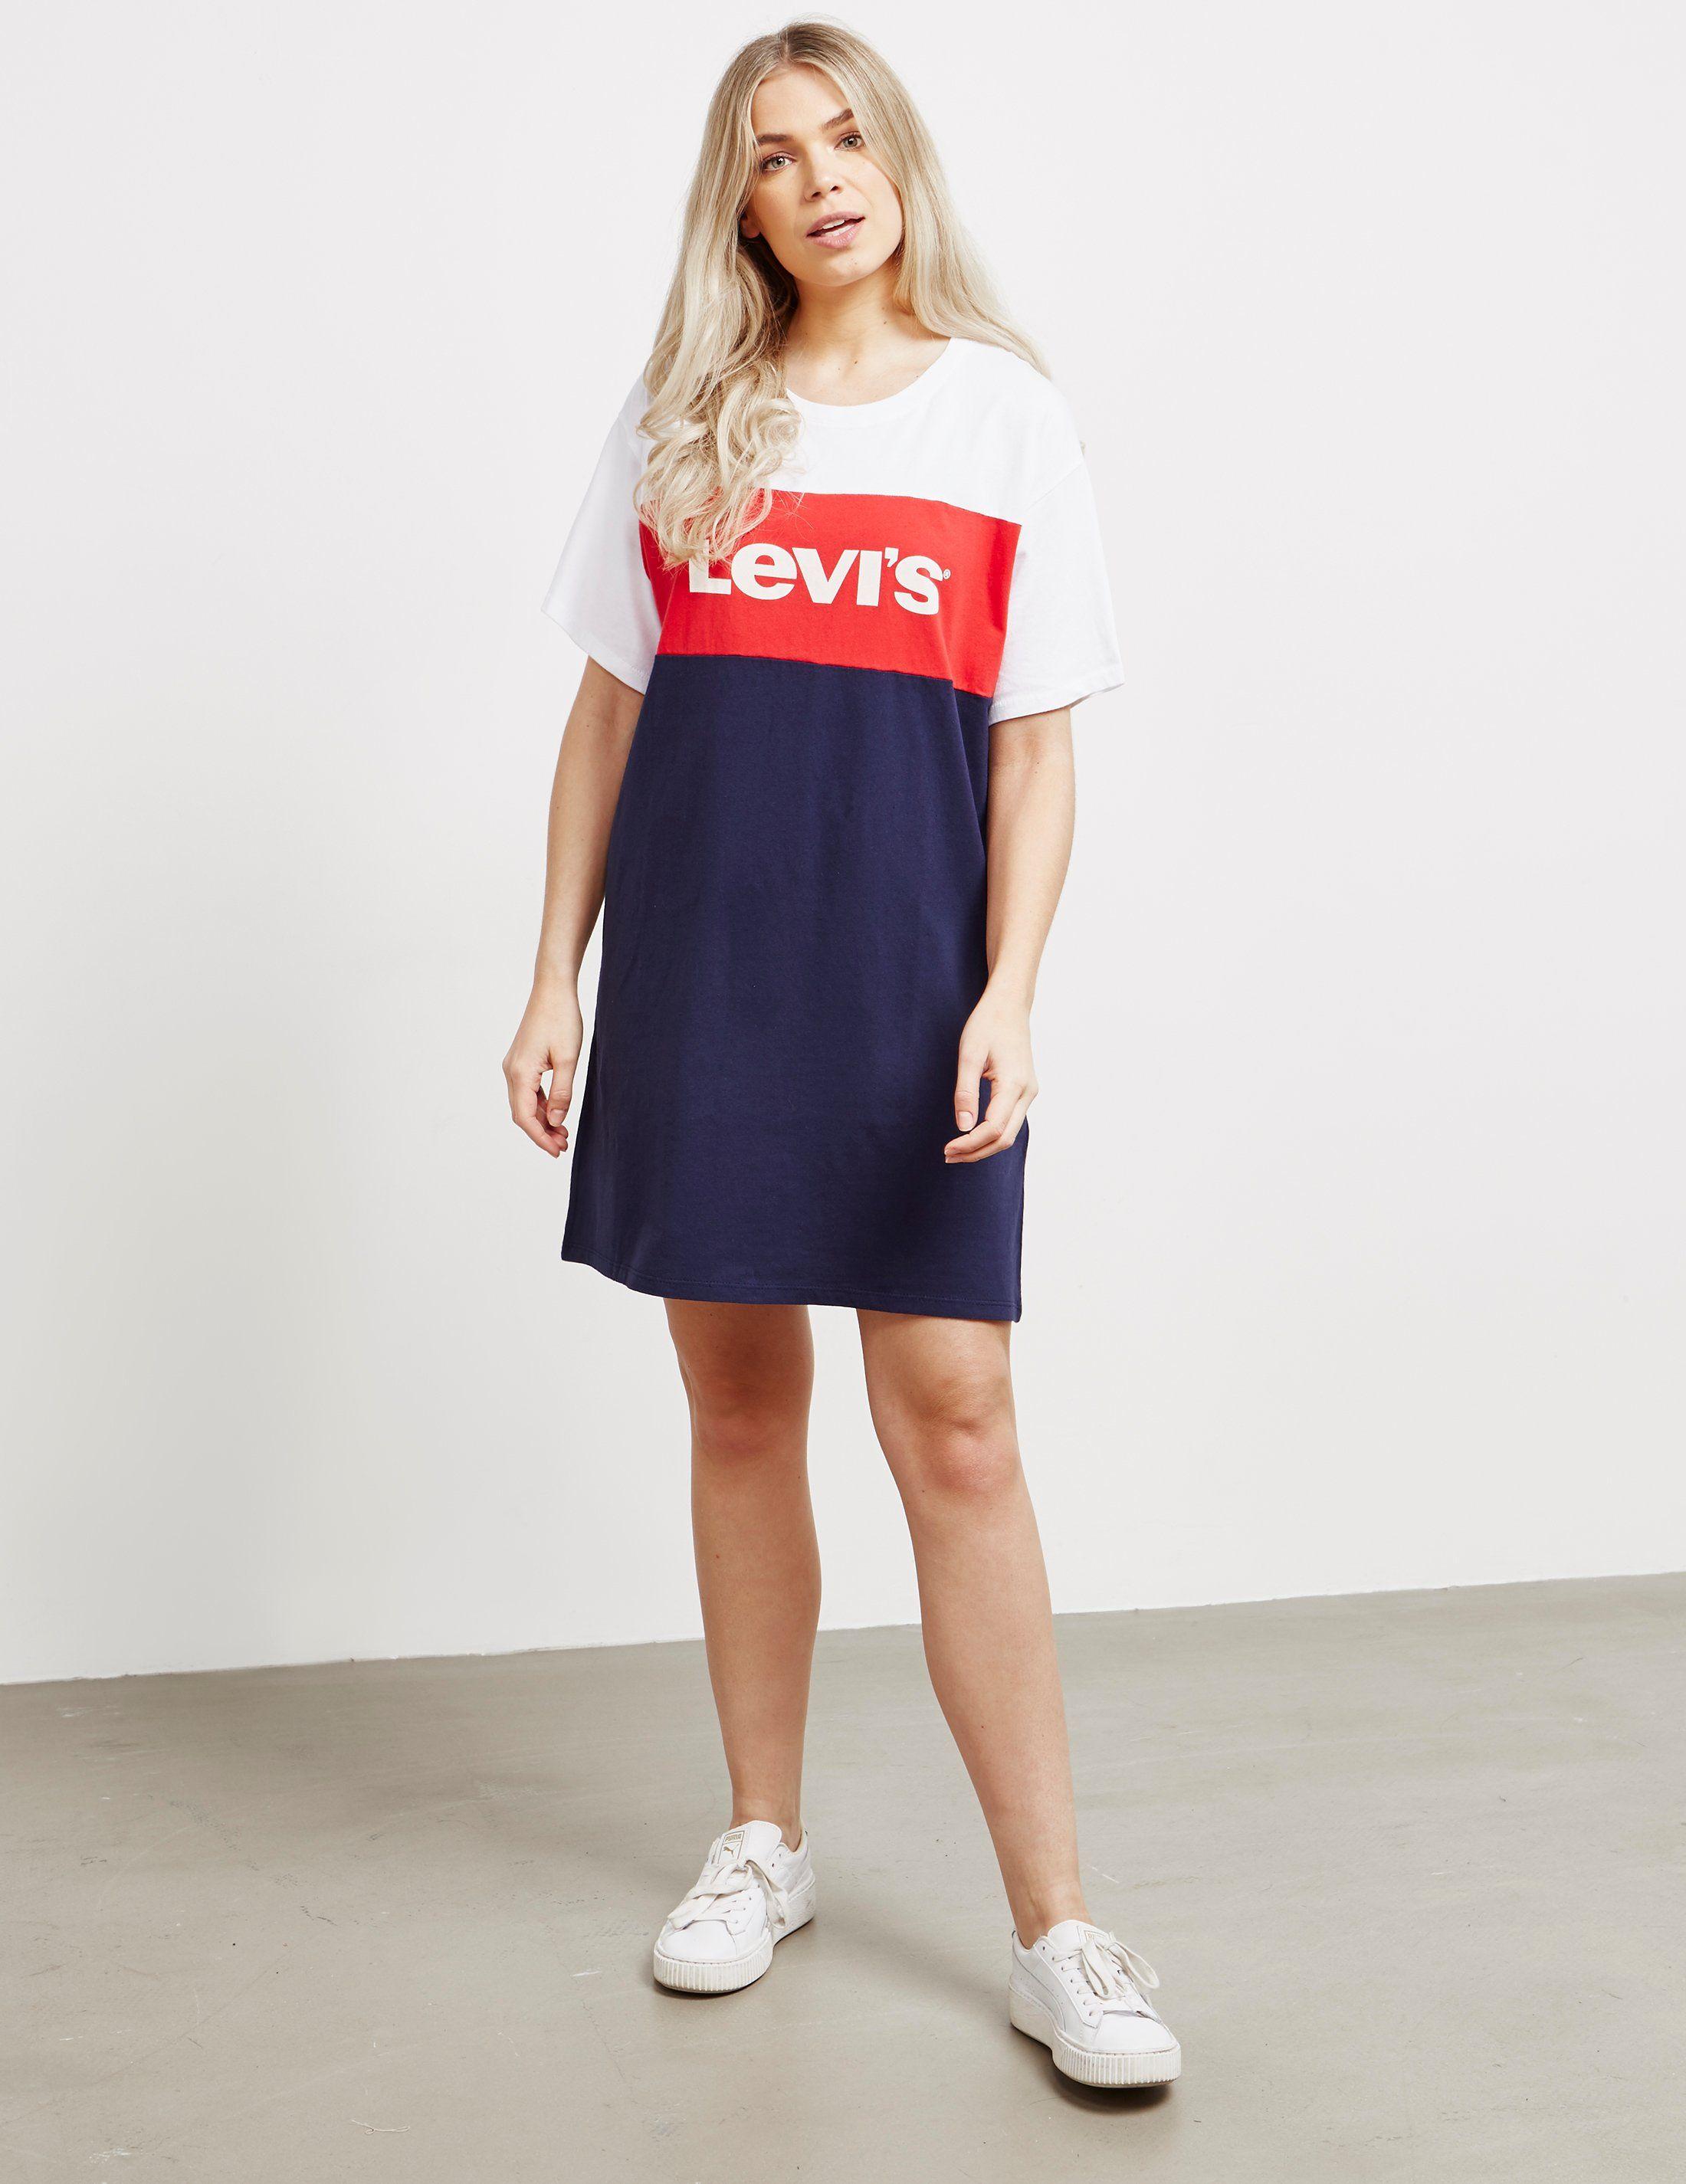 Levis Colour Block Dress